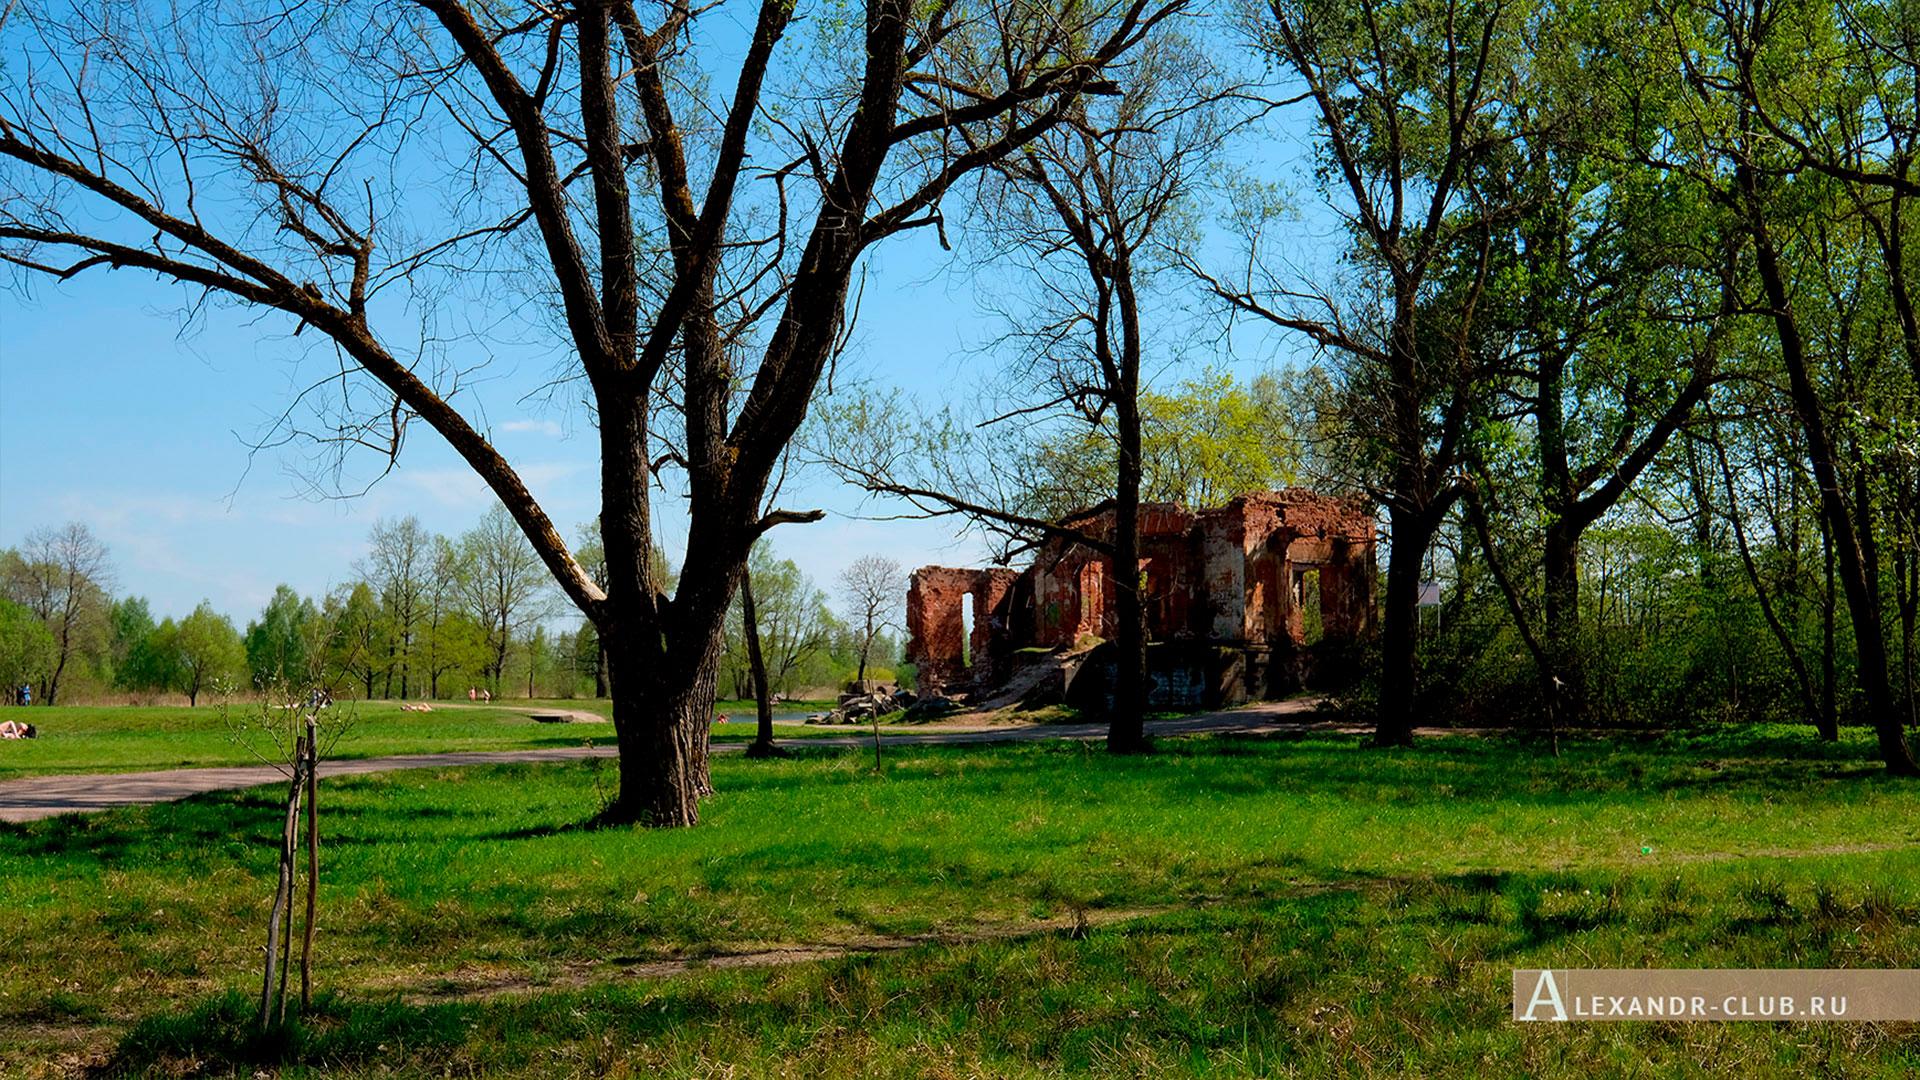 Петергоф, Луговой парк, весна, Розовый павильон – 2